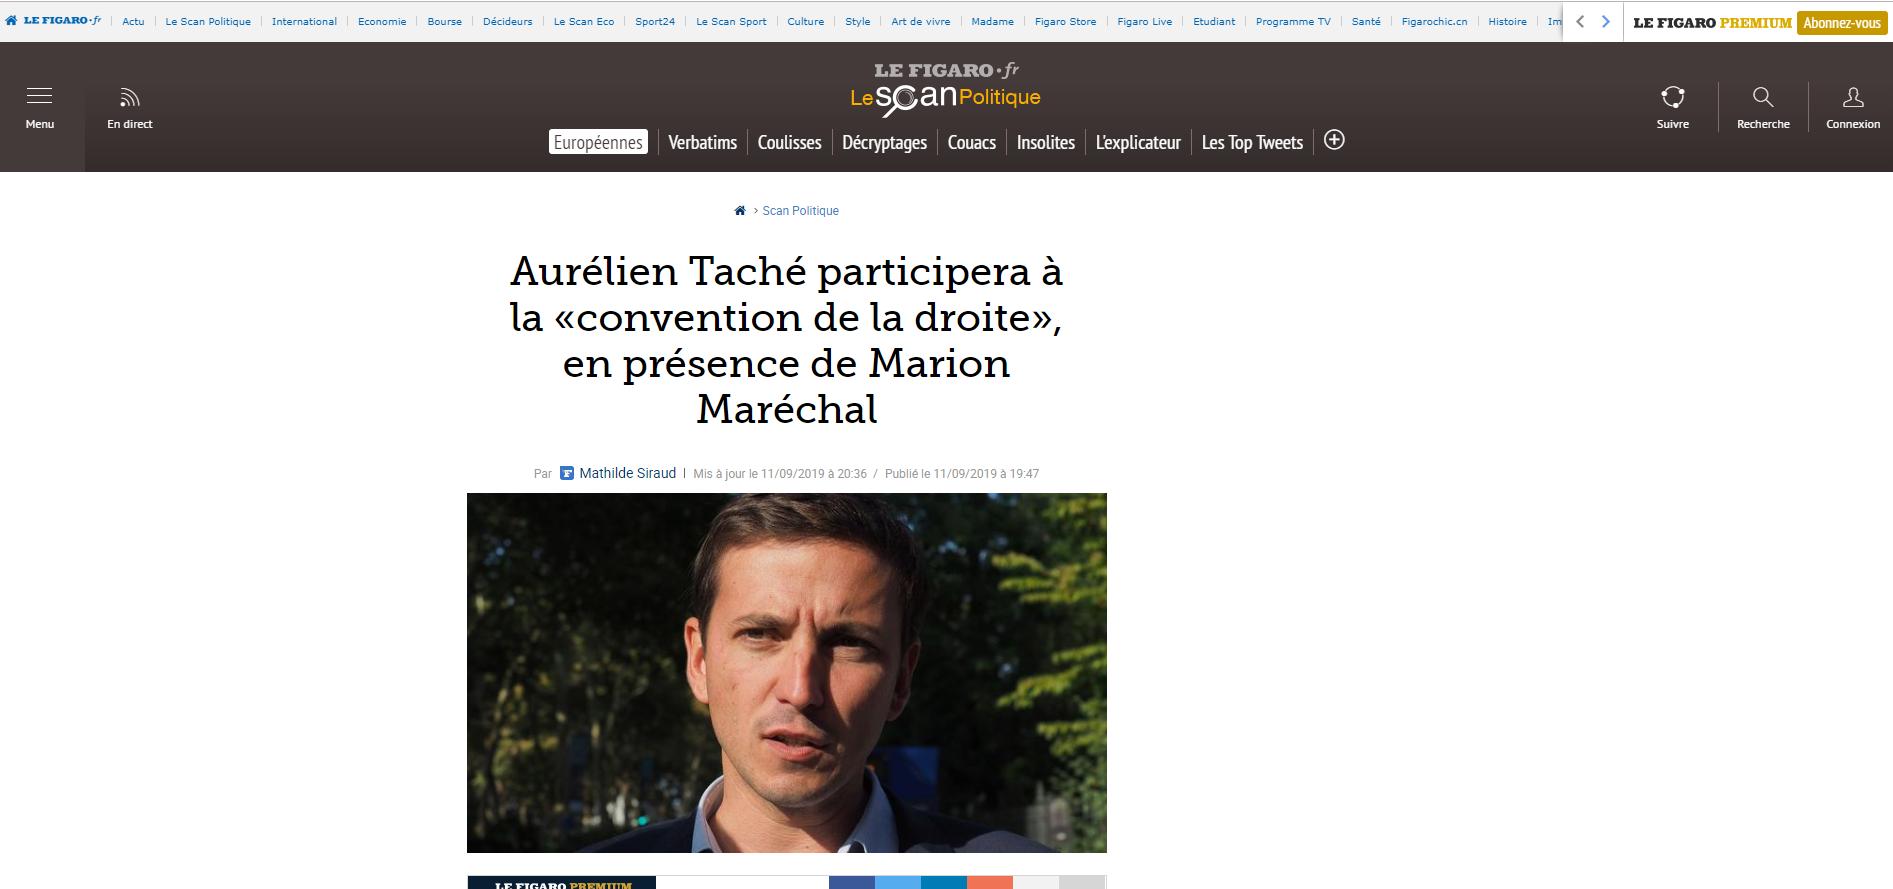 2019-09-12 11_04_43-Aurélien Taché participera à la «convention de la droite», en présence de Marion